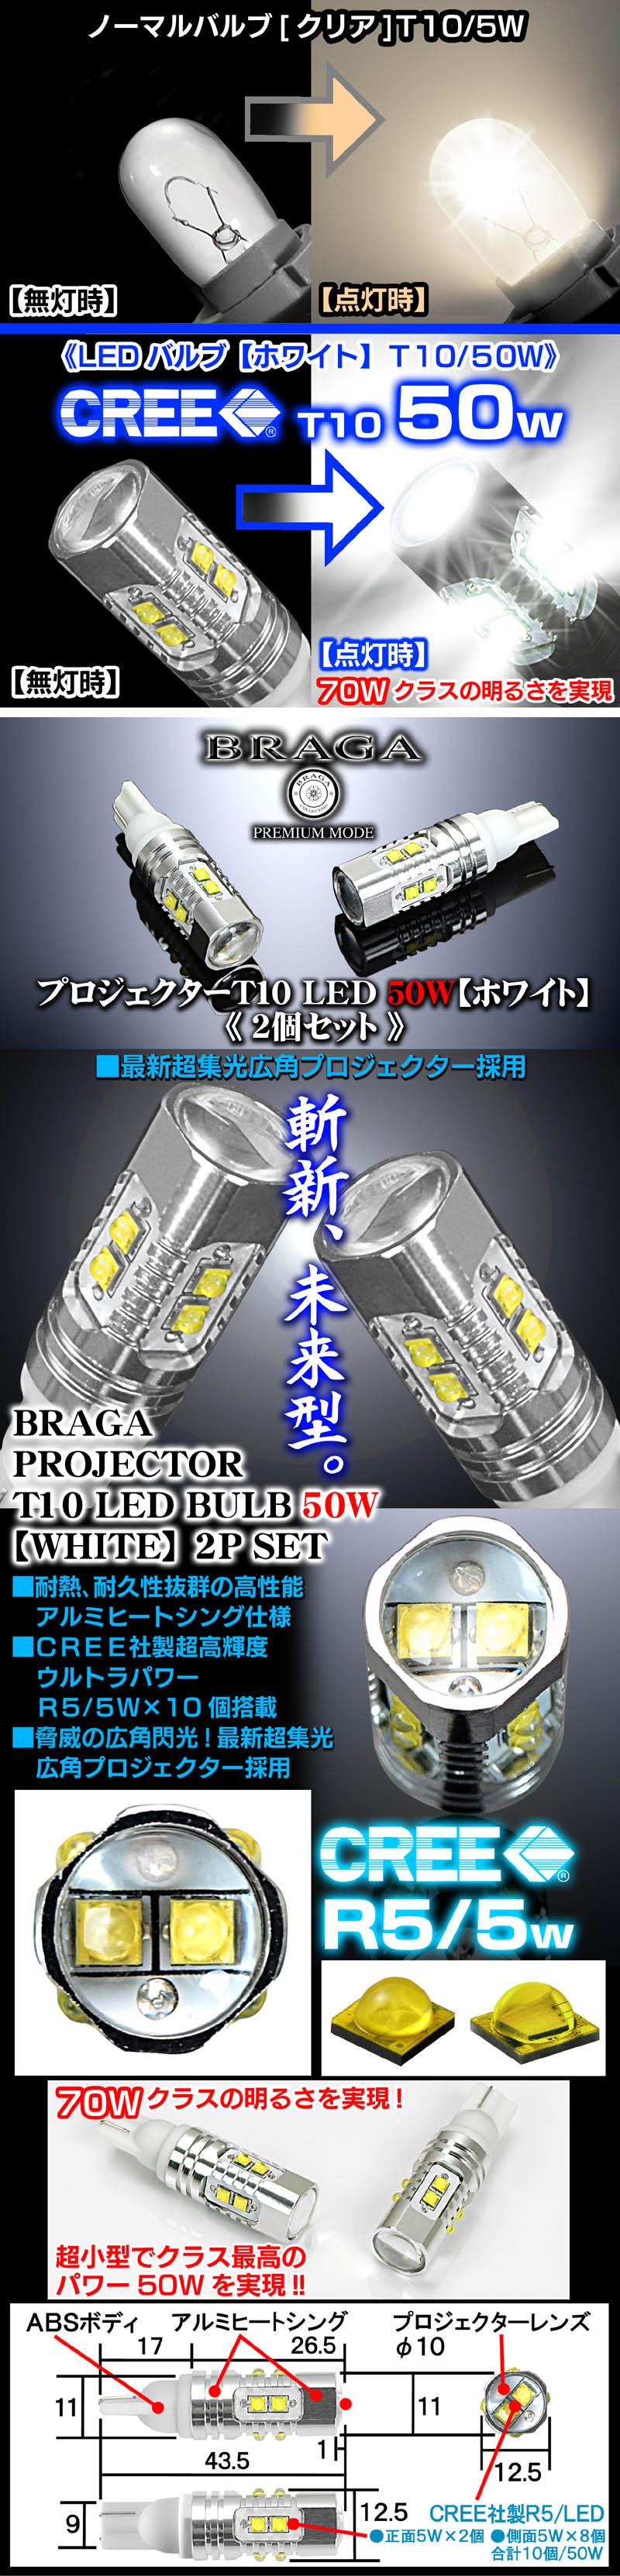 T10/T16 50W バックランプ CREE製LEDプロジェクターバルブ【ホワイト/白】70Wクラスの光を実現《2個》1年保証/ブラガ